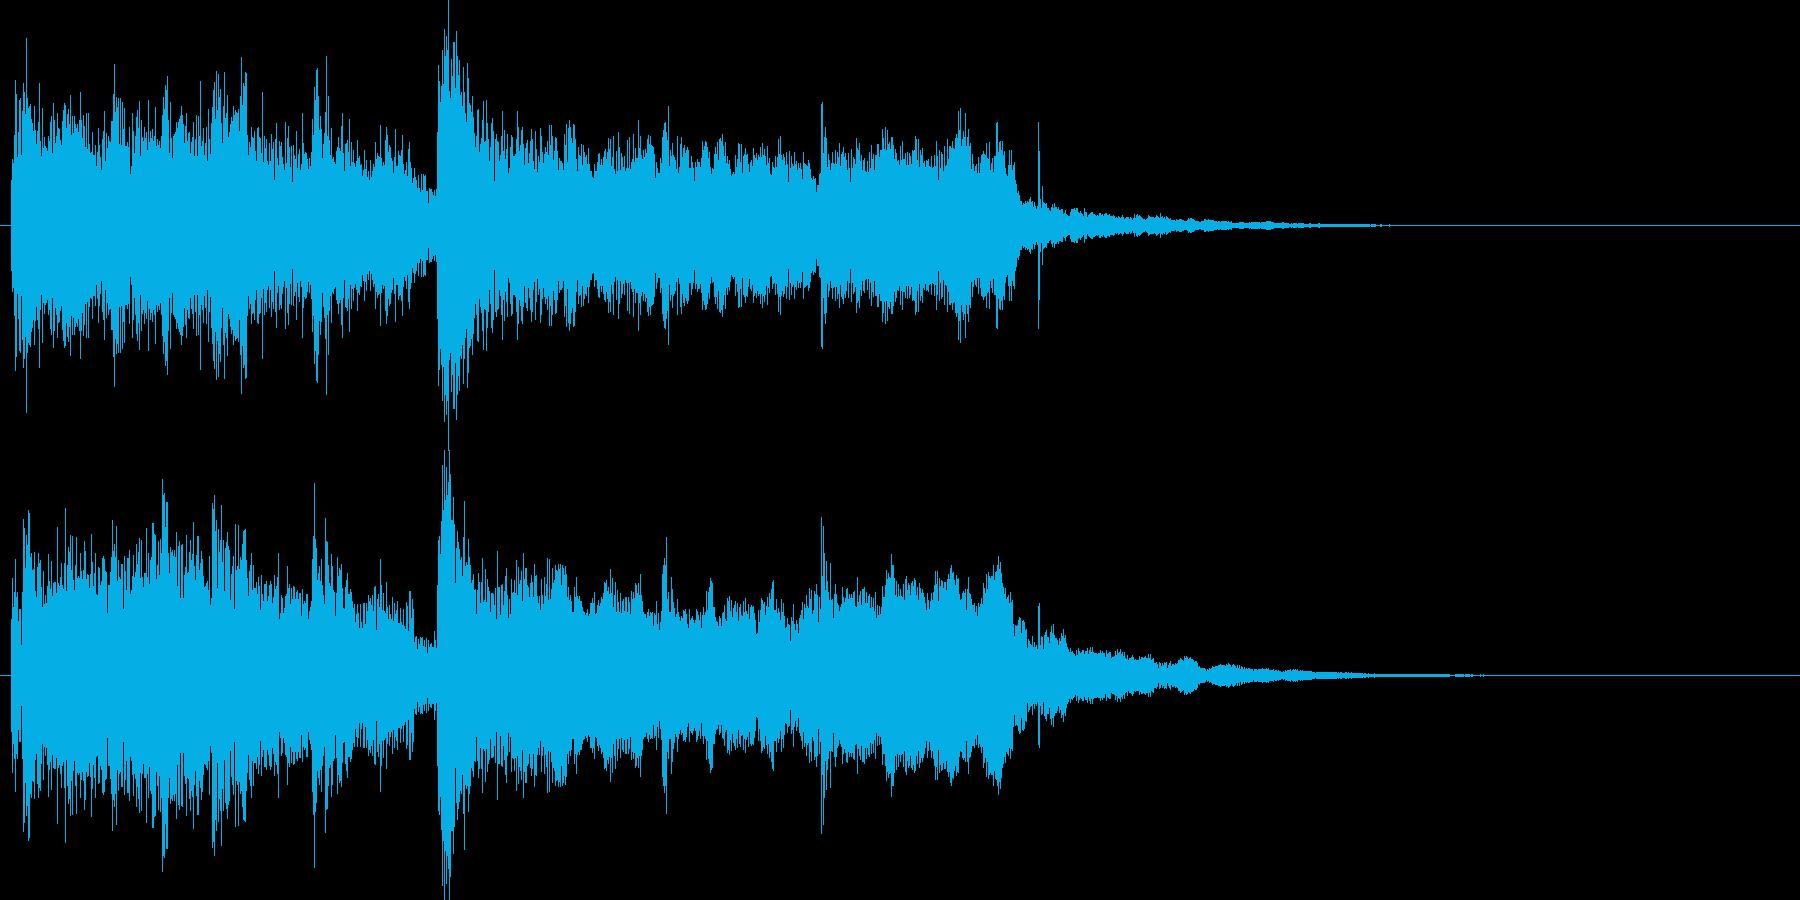 和風スタートクリック音ジングル効果音の再生済みの波形